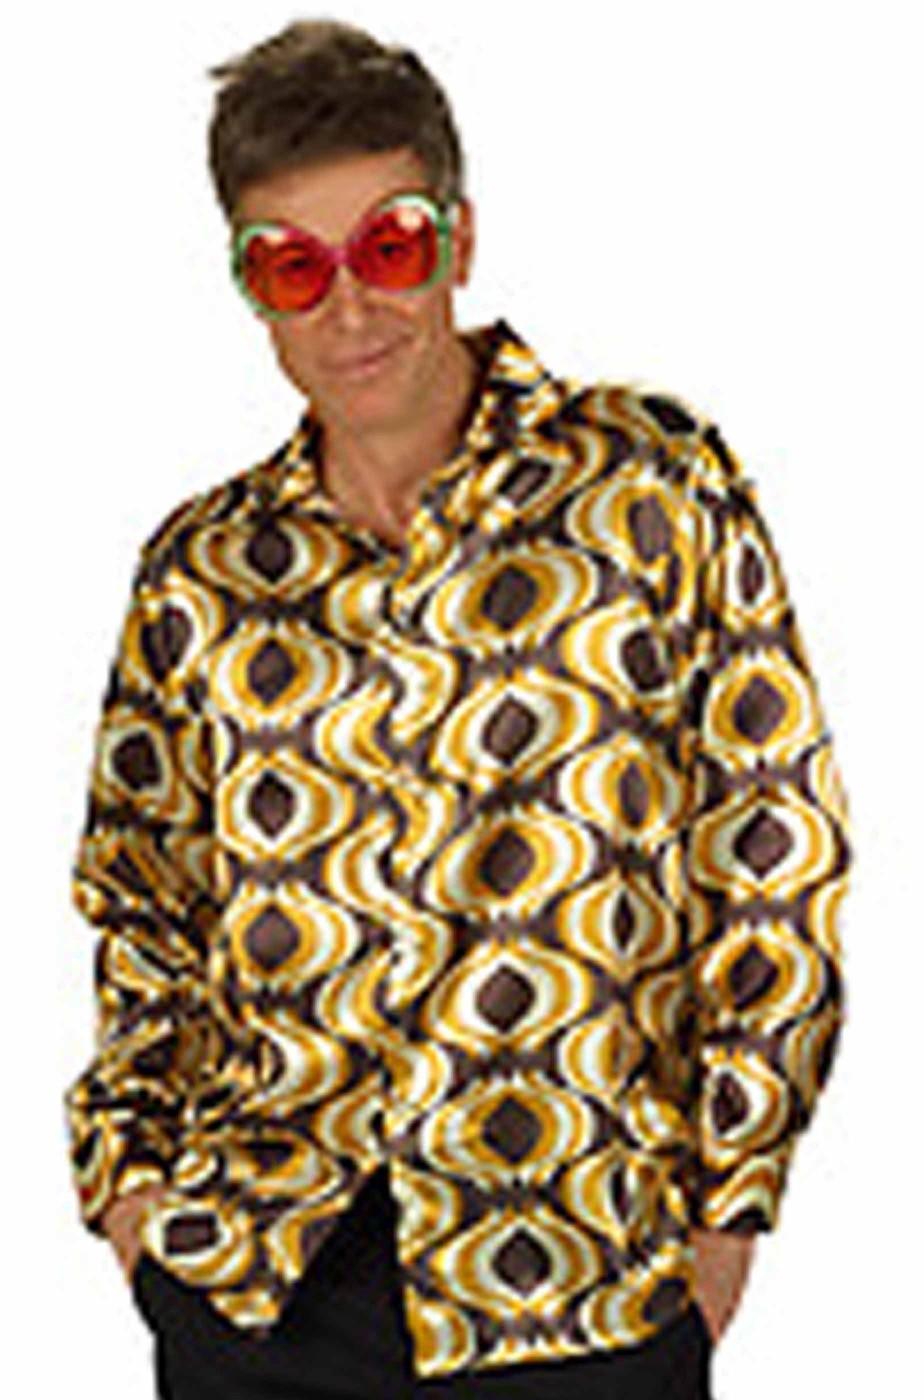 Camicia gialla e nera da uomo anni 70 psichedelica